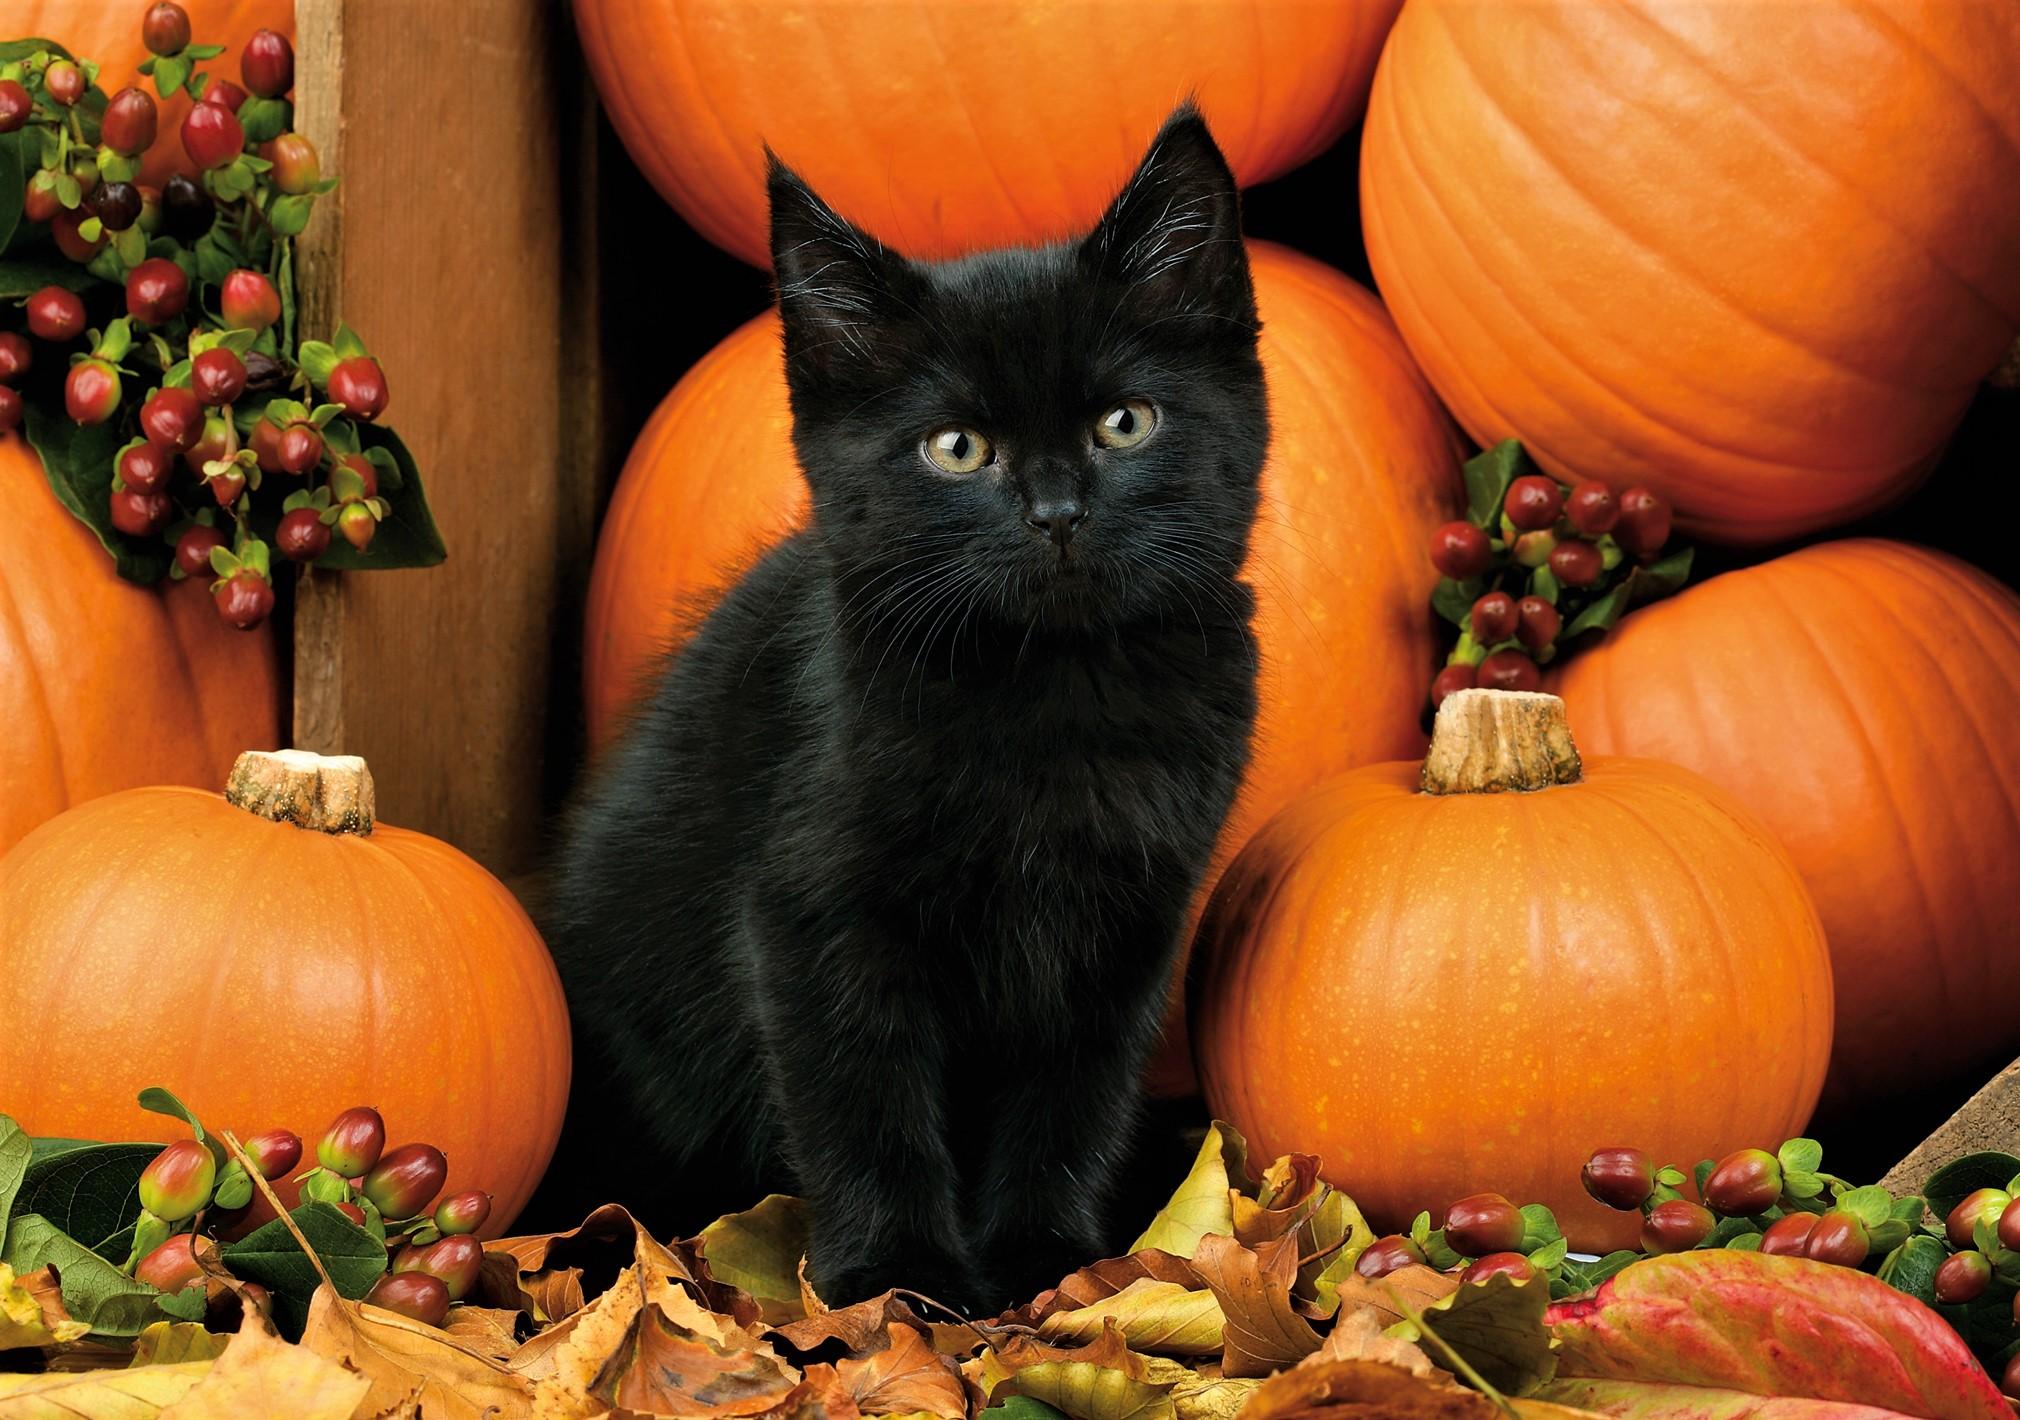 Black kitten with pumpkins hd wallpaper background image 2020x1420 id 877725 wallpaper abyss - Fall wallpaper pumpkins ...